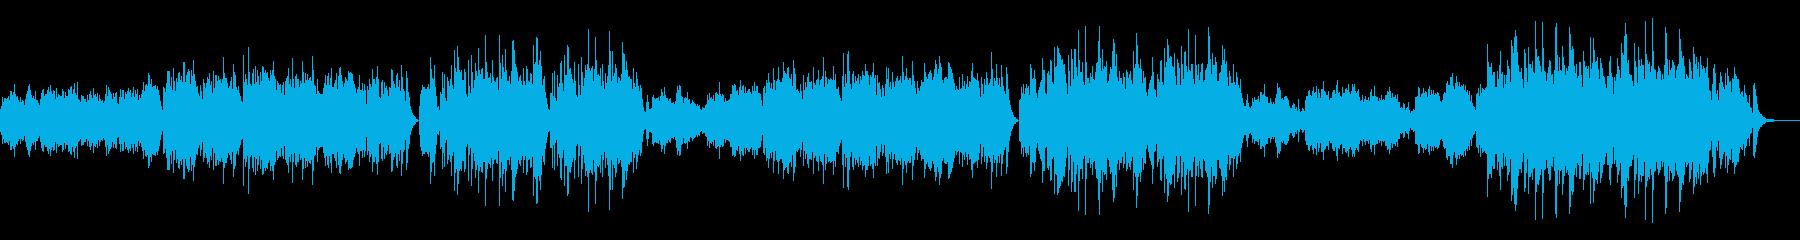 秘密の夜の演奏会の再生済みの波形